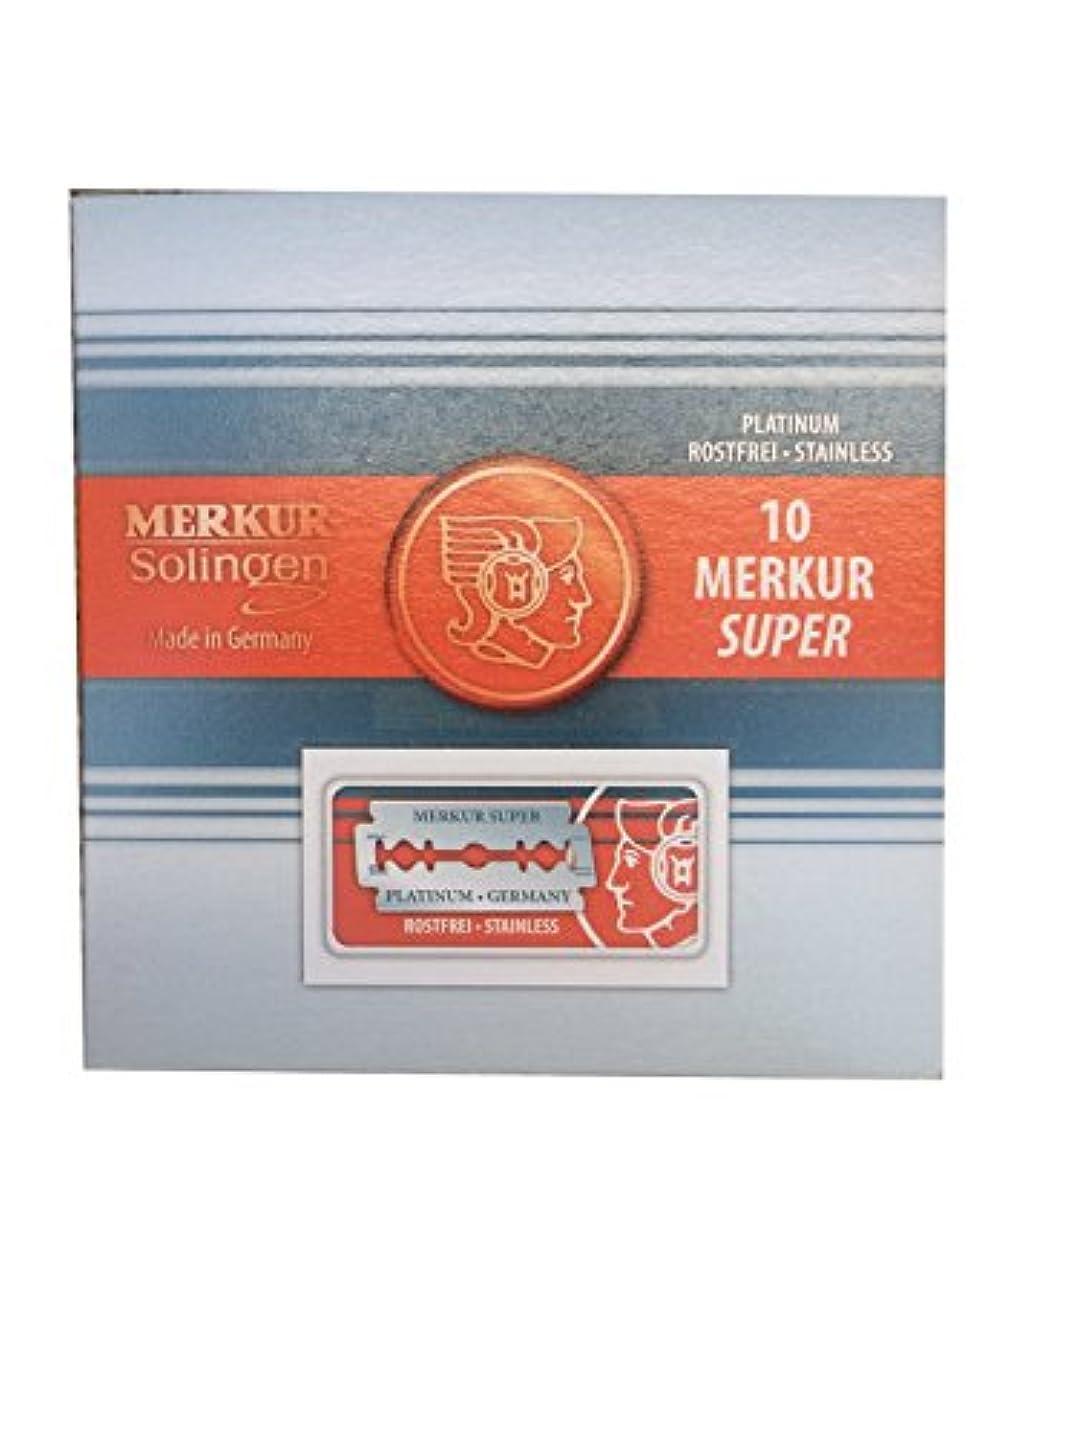 乱れ全滅させる感性Merkur Super Platinum 両刃替刃 100枚入り(10枚入り10 個セット)【並行輸入品】